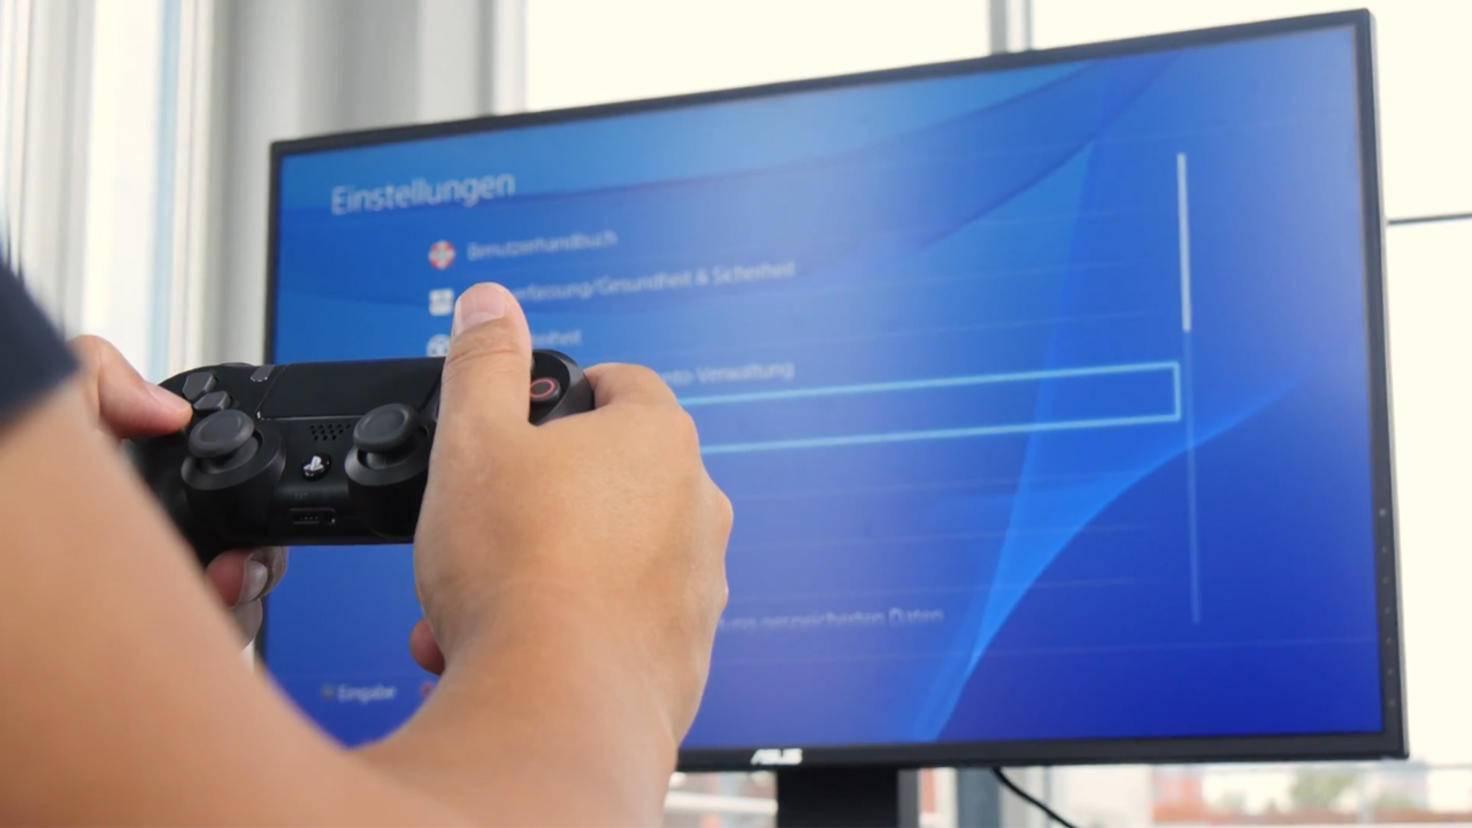 In den PlayStation-Einstellungen musst Du die primäre und sekundäre Konsole für Deinen Account ändern.